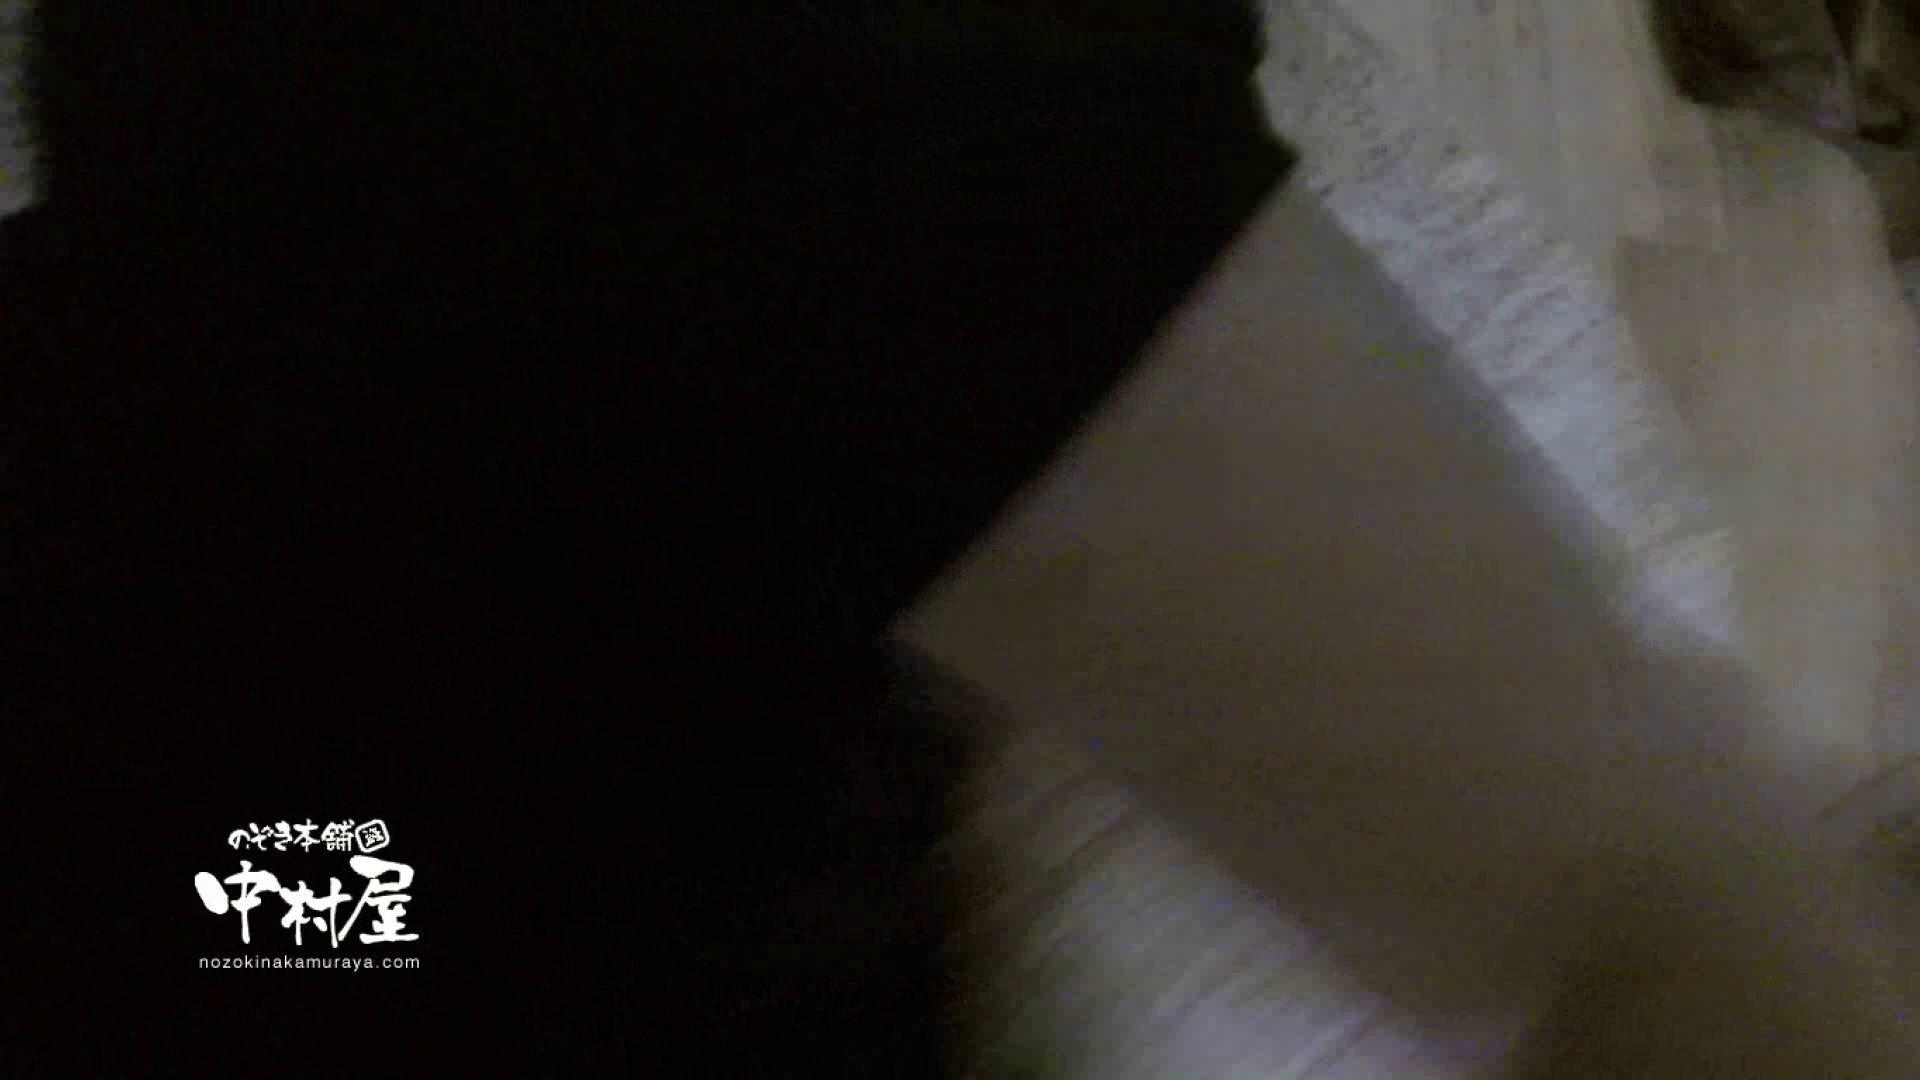 鬼畜 vol.06 中出し処刑! 前編 鬼畜 | OLエロ画像  109PICs 88